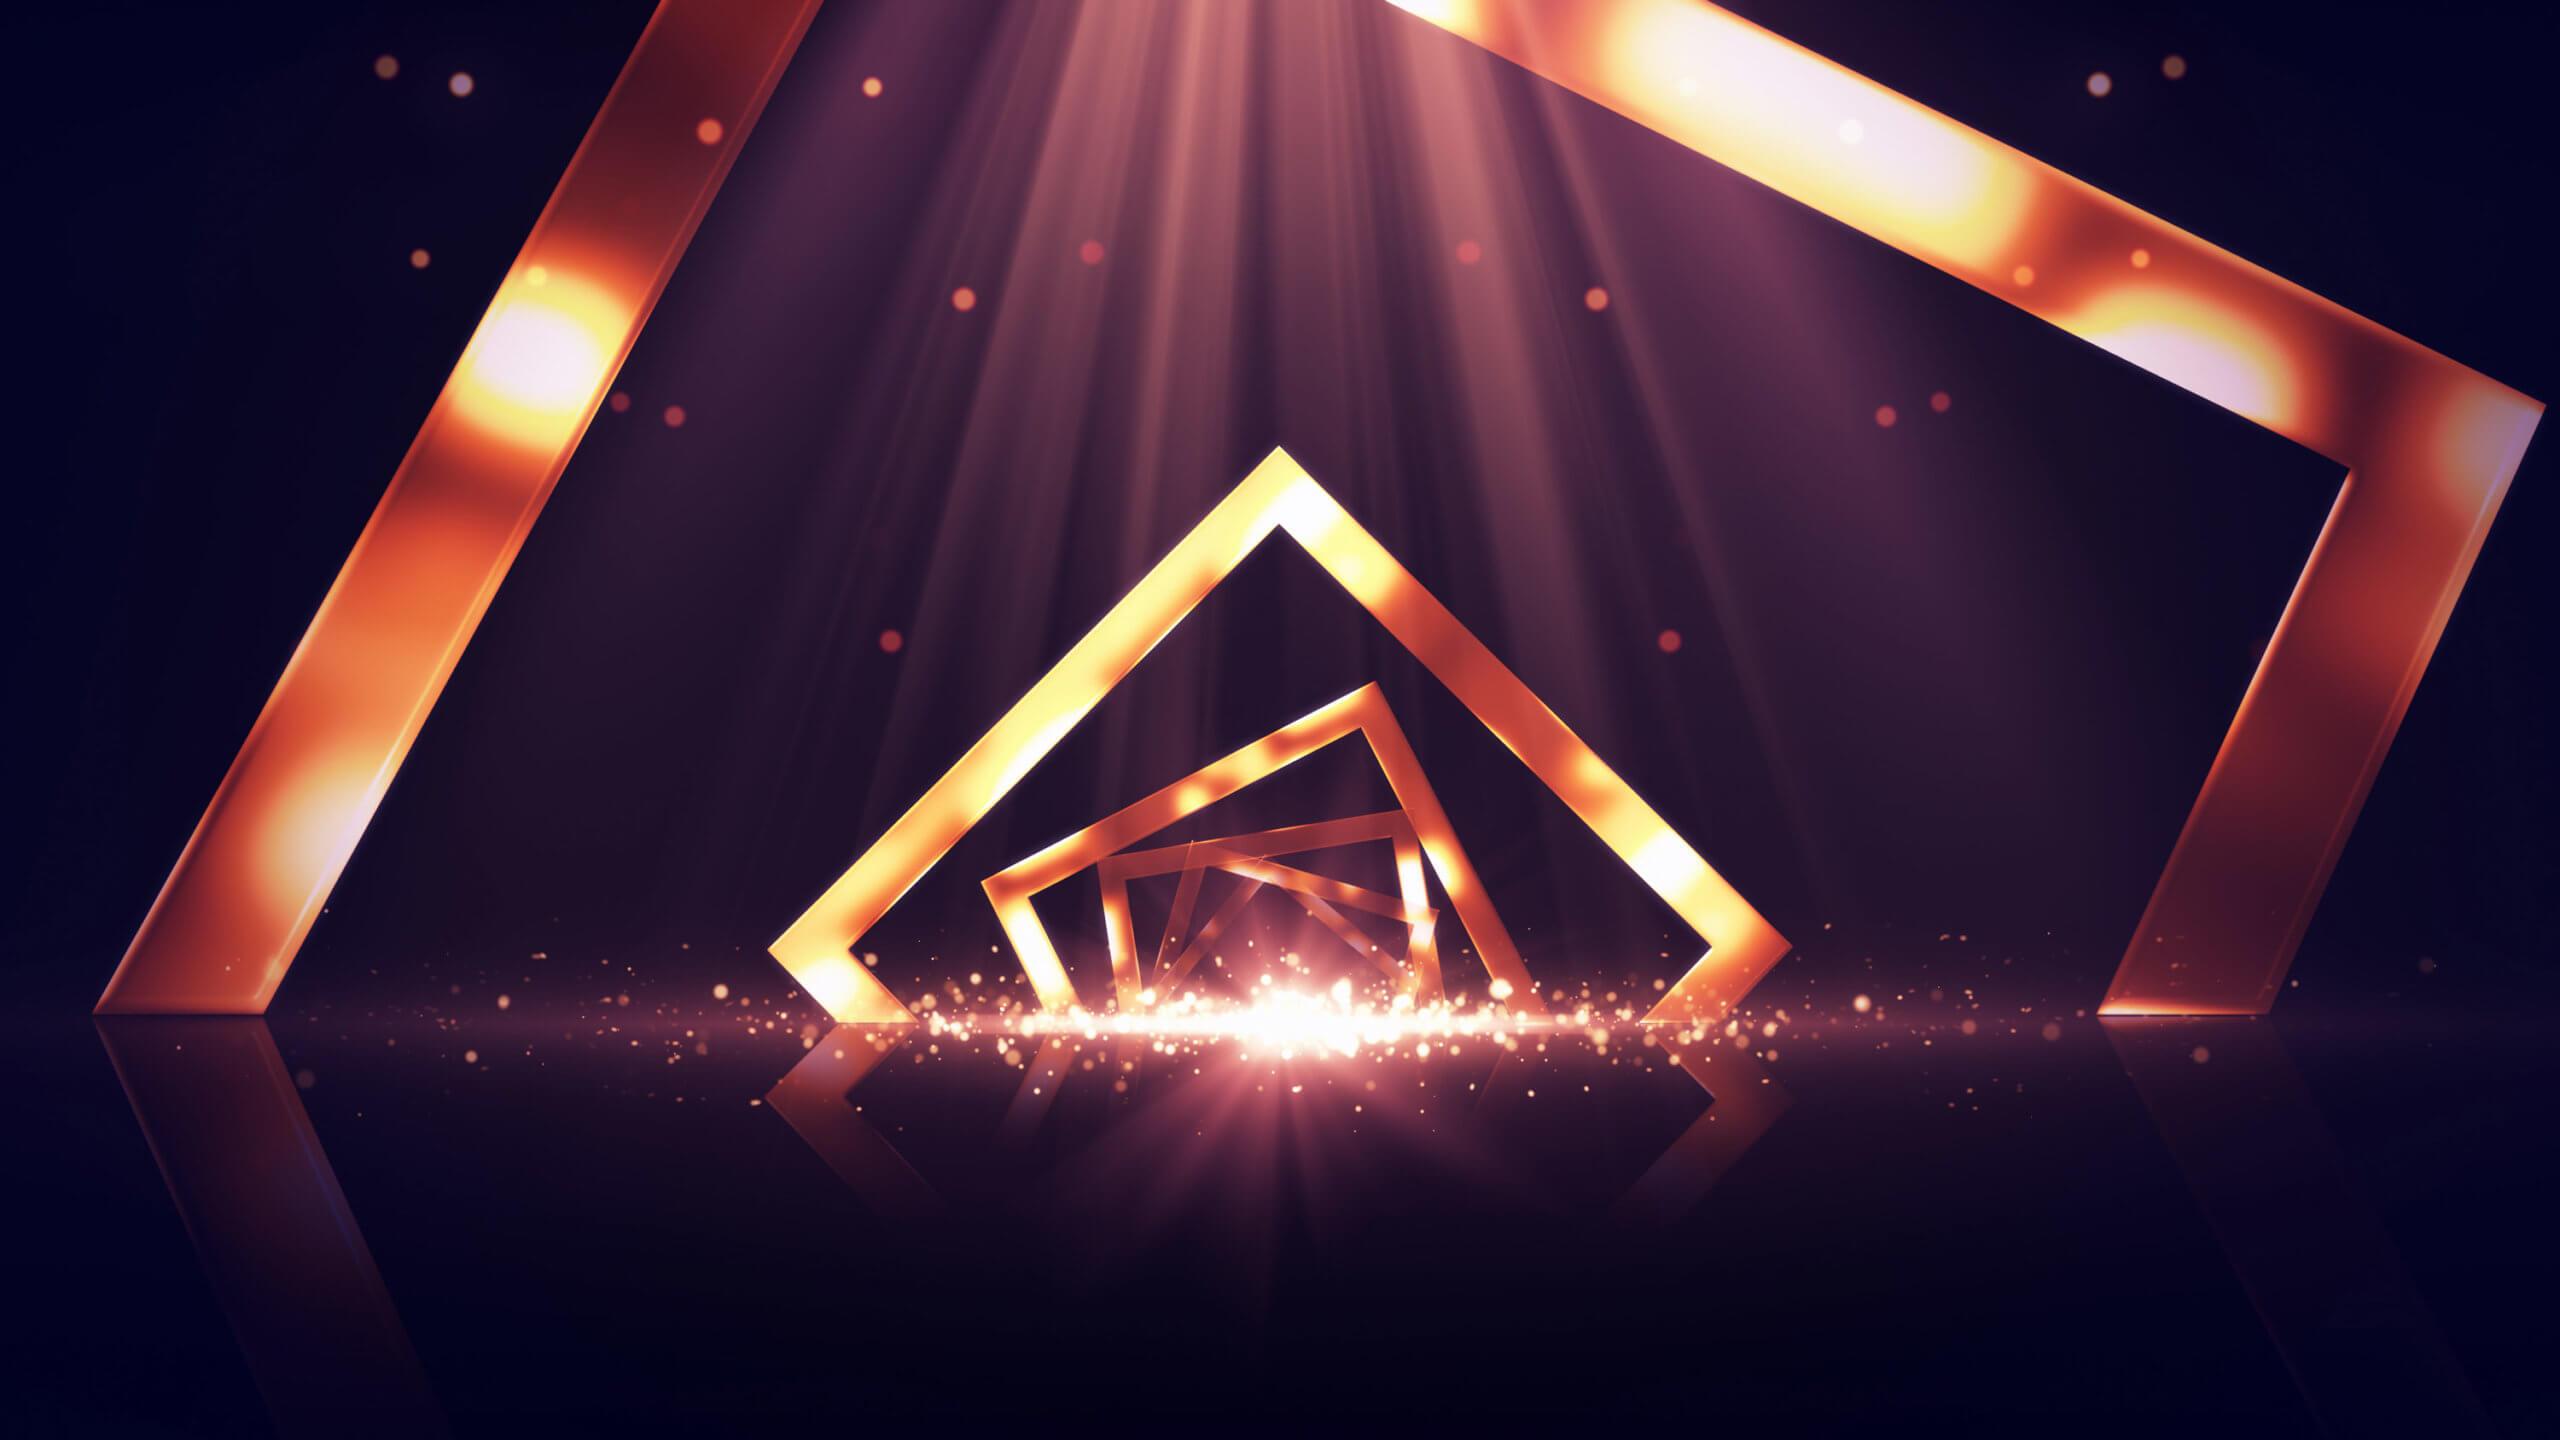 Leuchtender Hintergrund einer Bühne, Bühnenbild